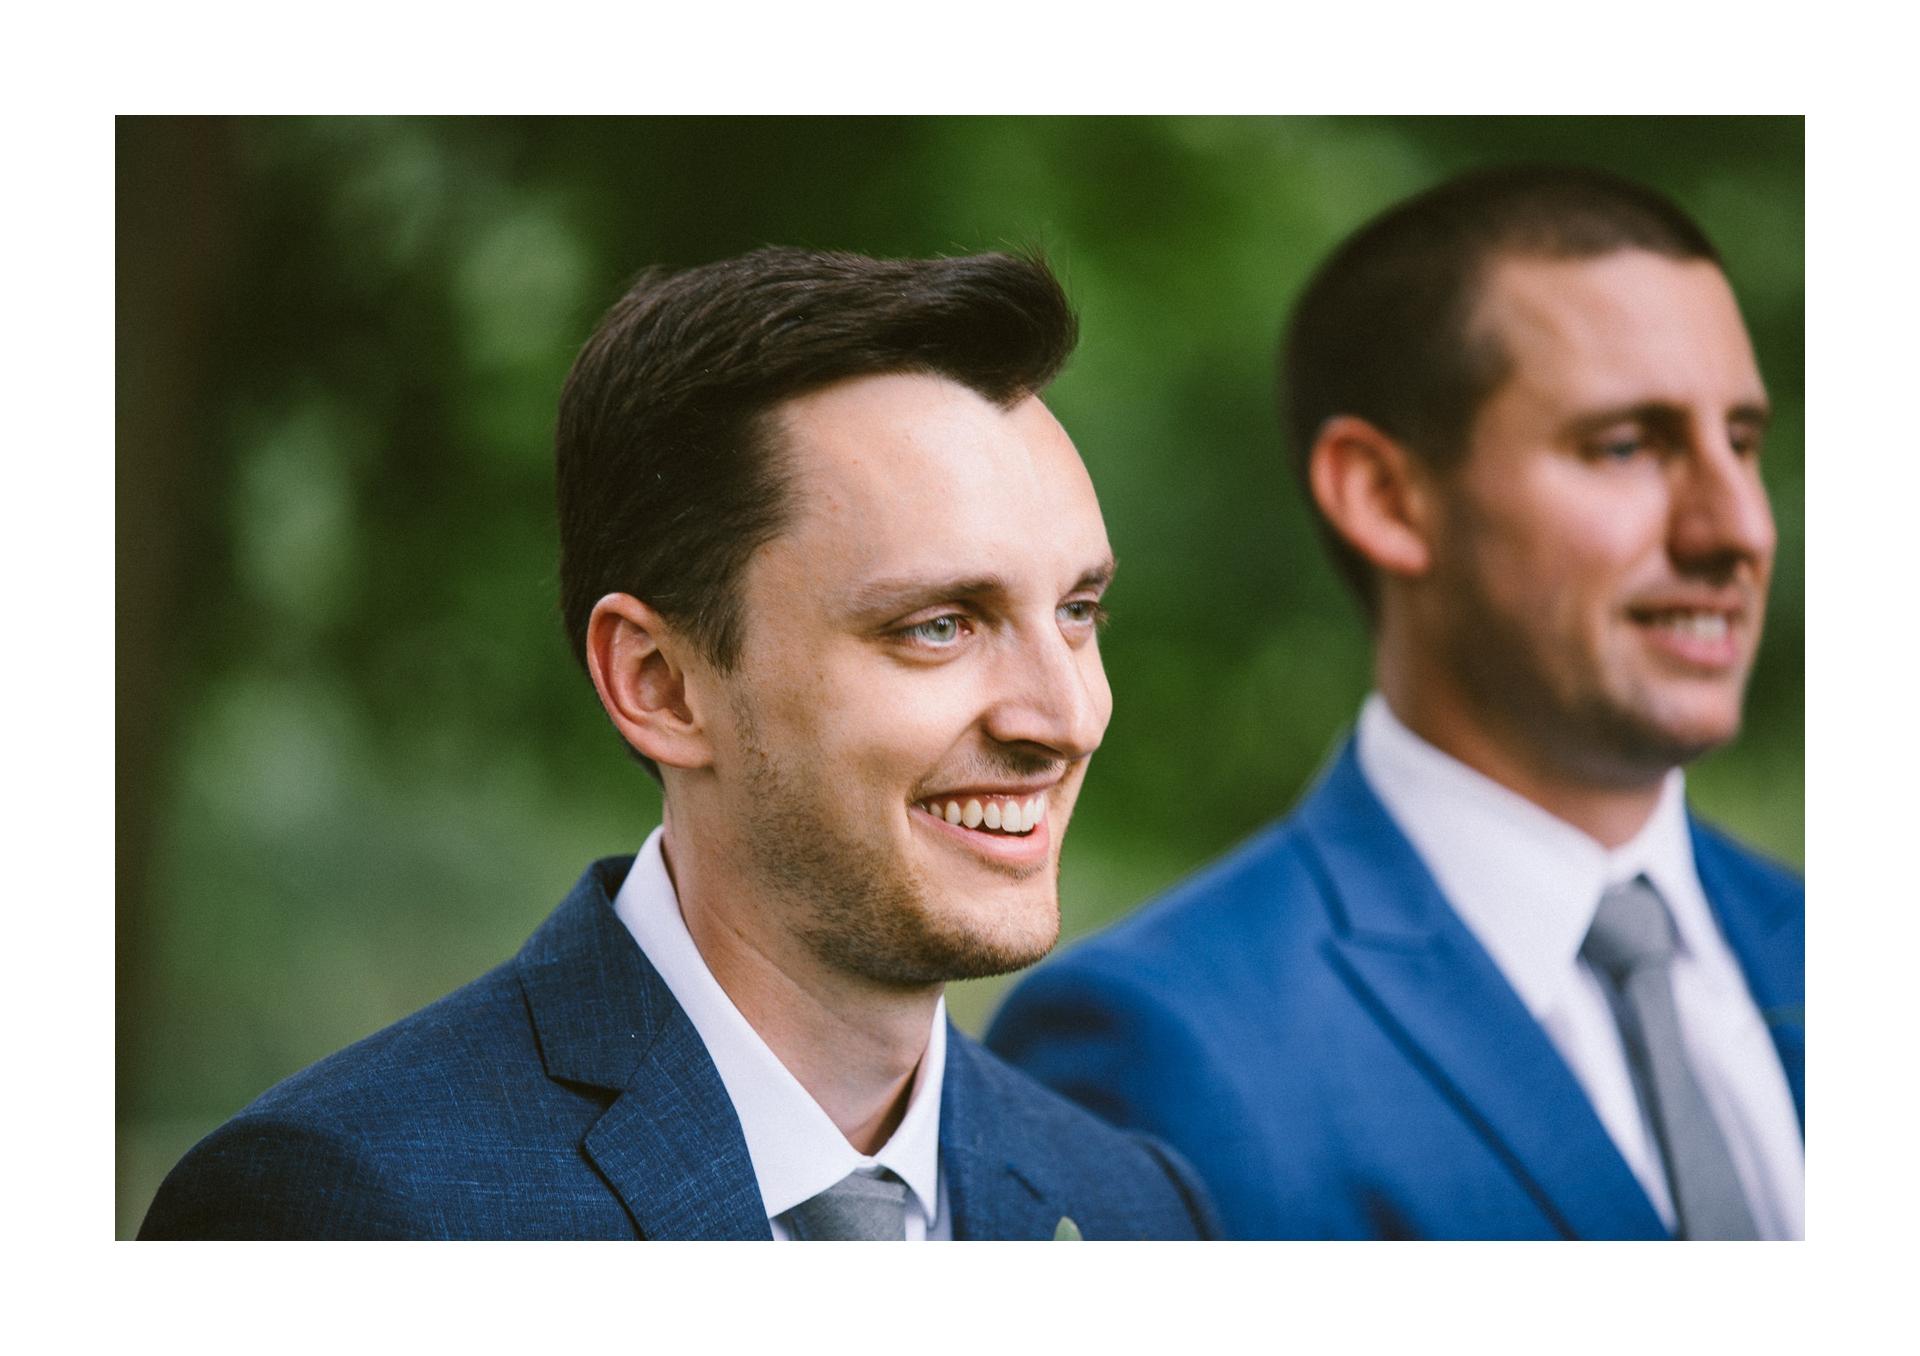 Gervasi Wedding Photographer in Canton Ohio 56.jpg